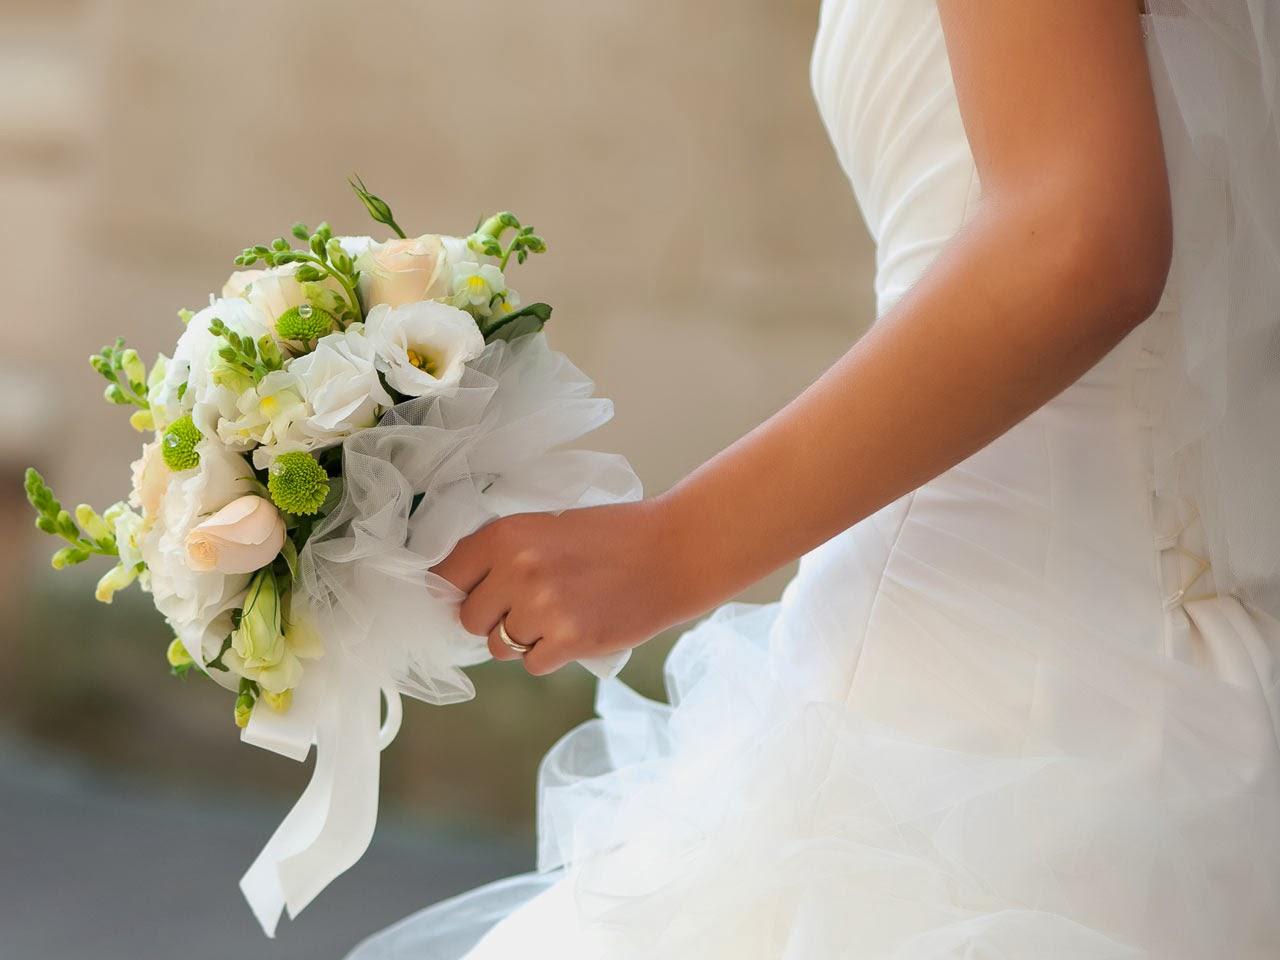 اساسيات الاهتمام قبل الزفاف